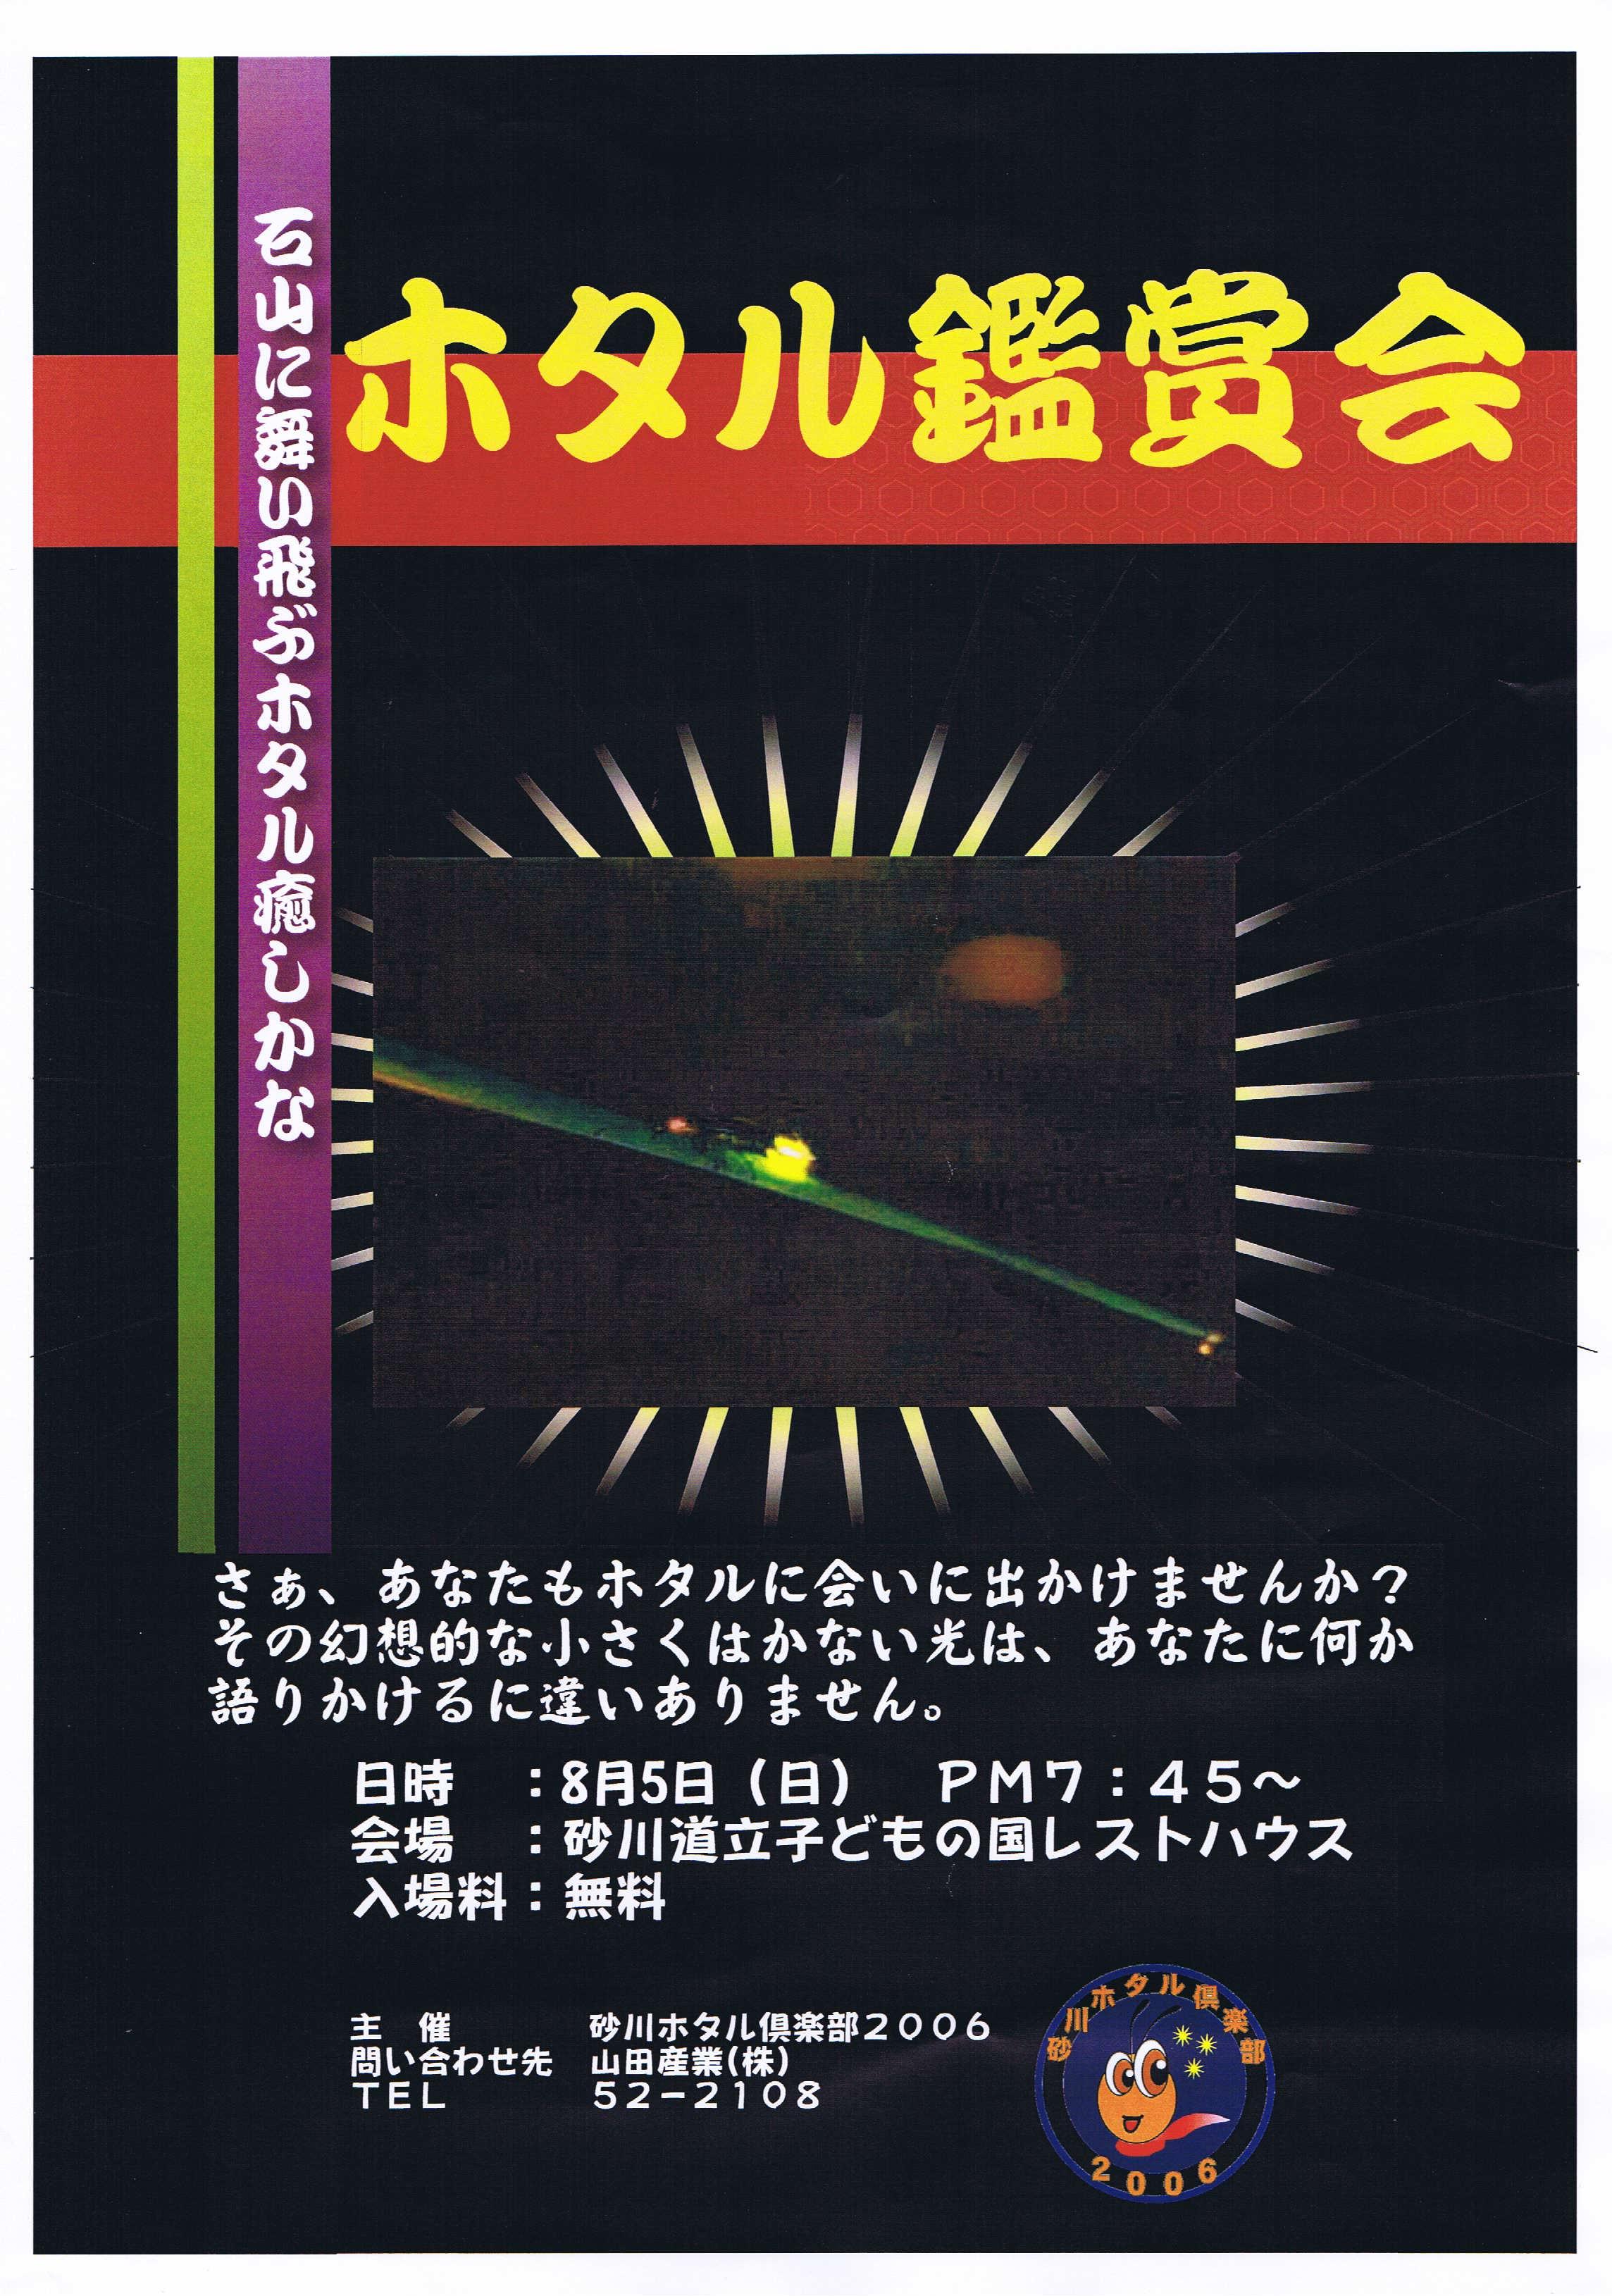 ホタル鑑賞会(2018年)のポスター